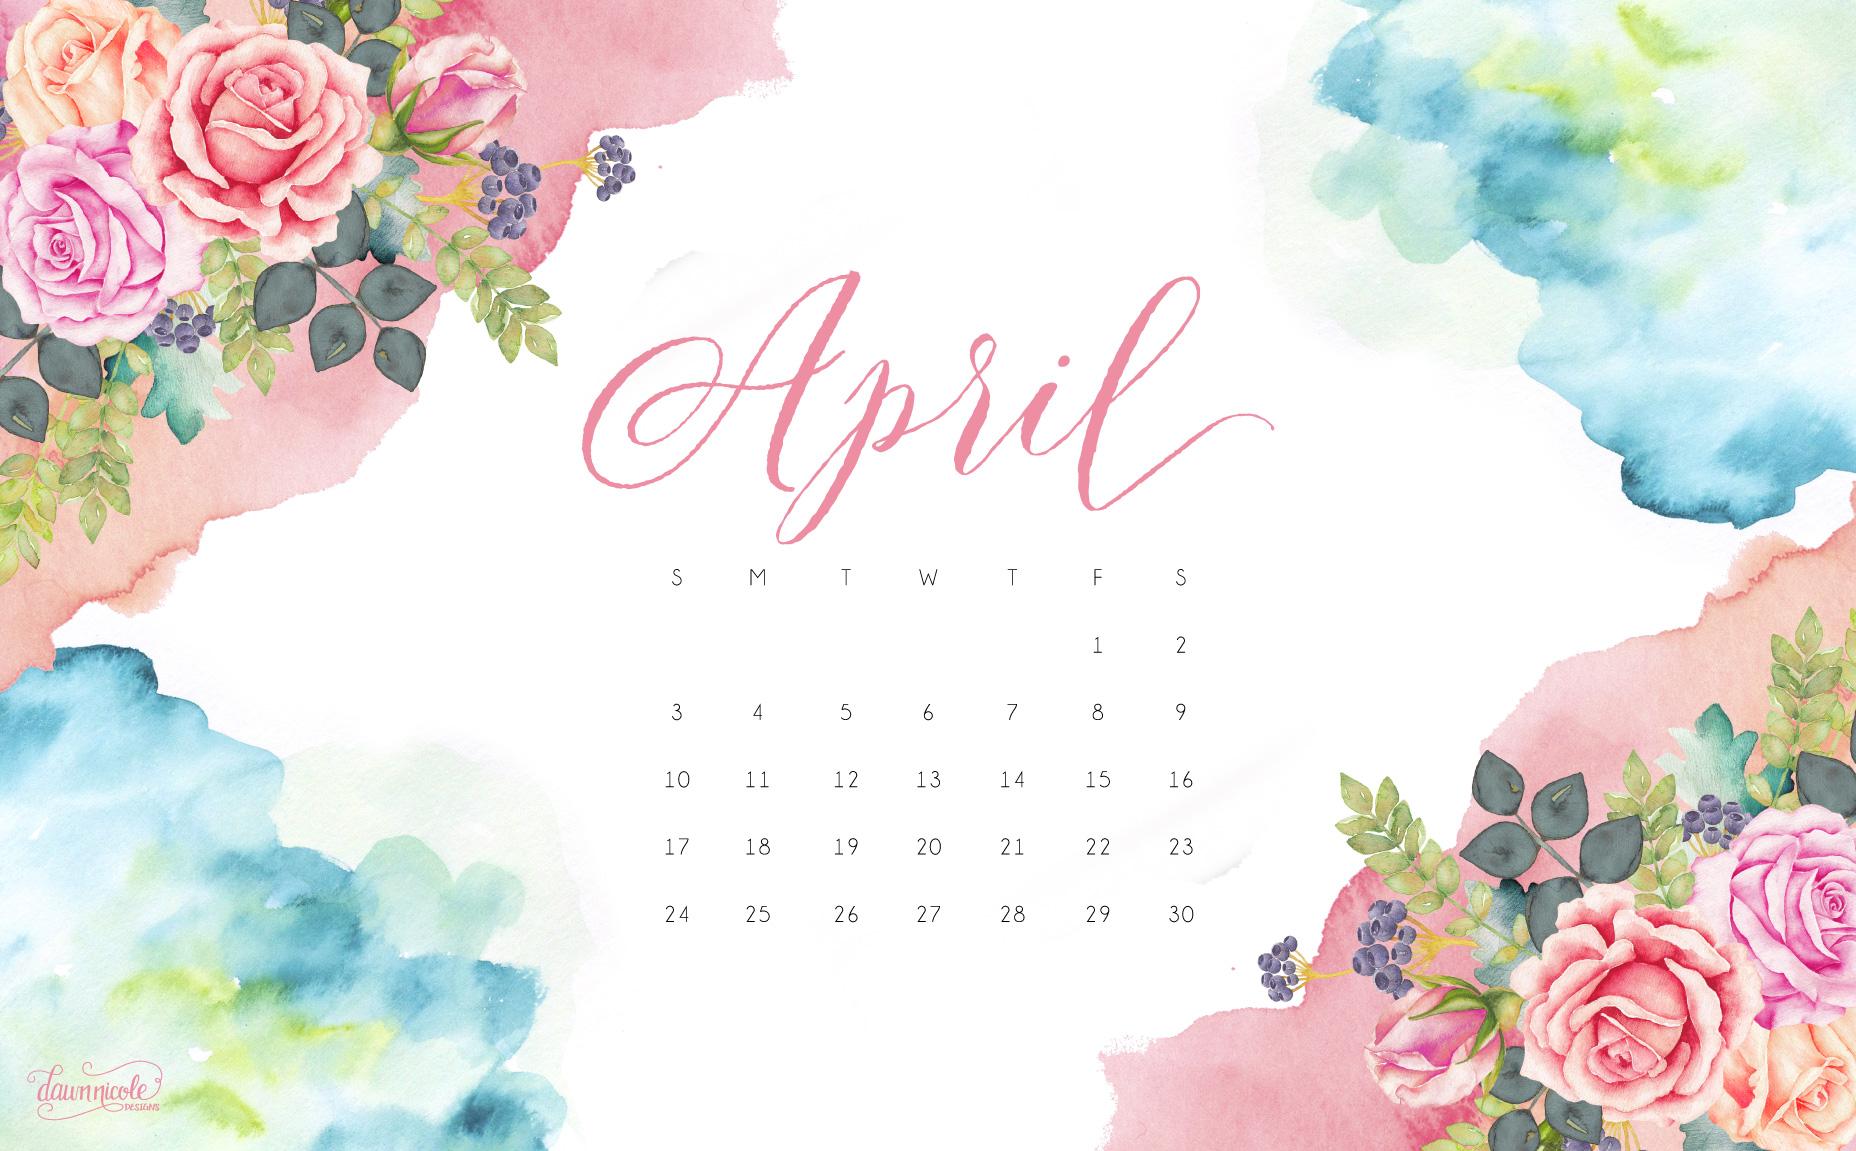 ... 2016 april computer wallpaper may 2016 desktop calendar wallpaper